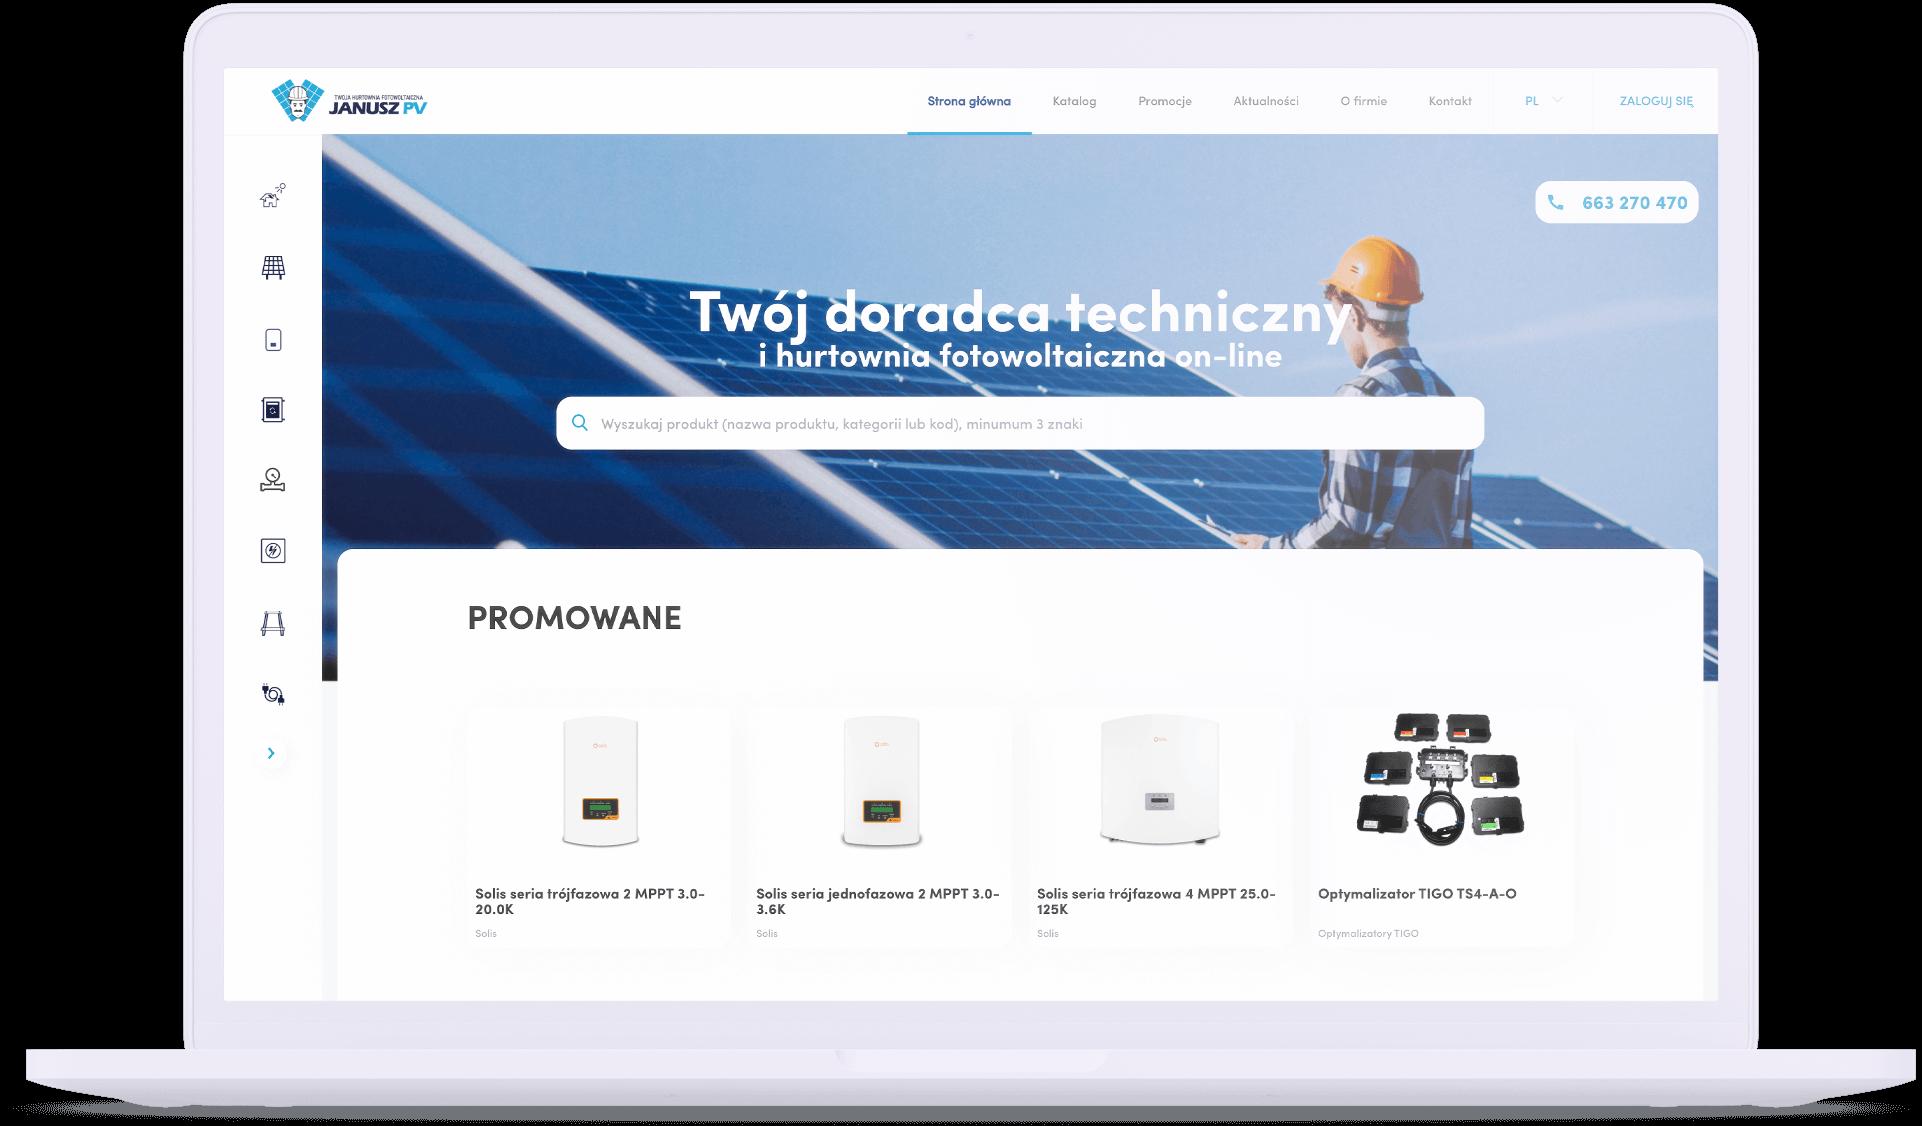 Platforma B2B budująca wizerunek silnej marki i automatyzująca pracę handlowców